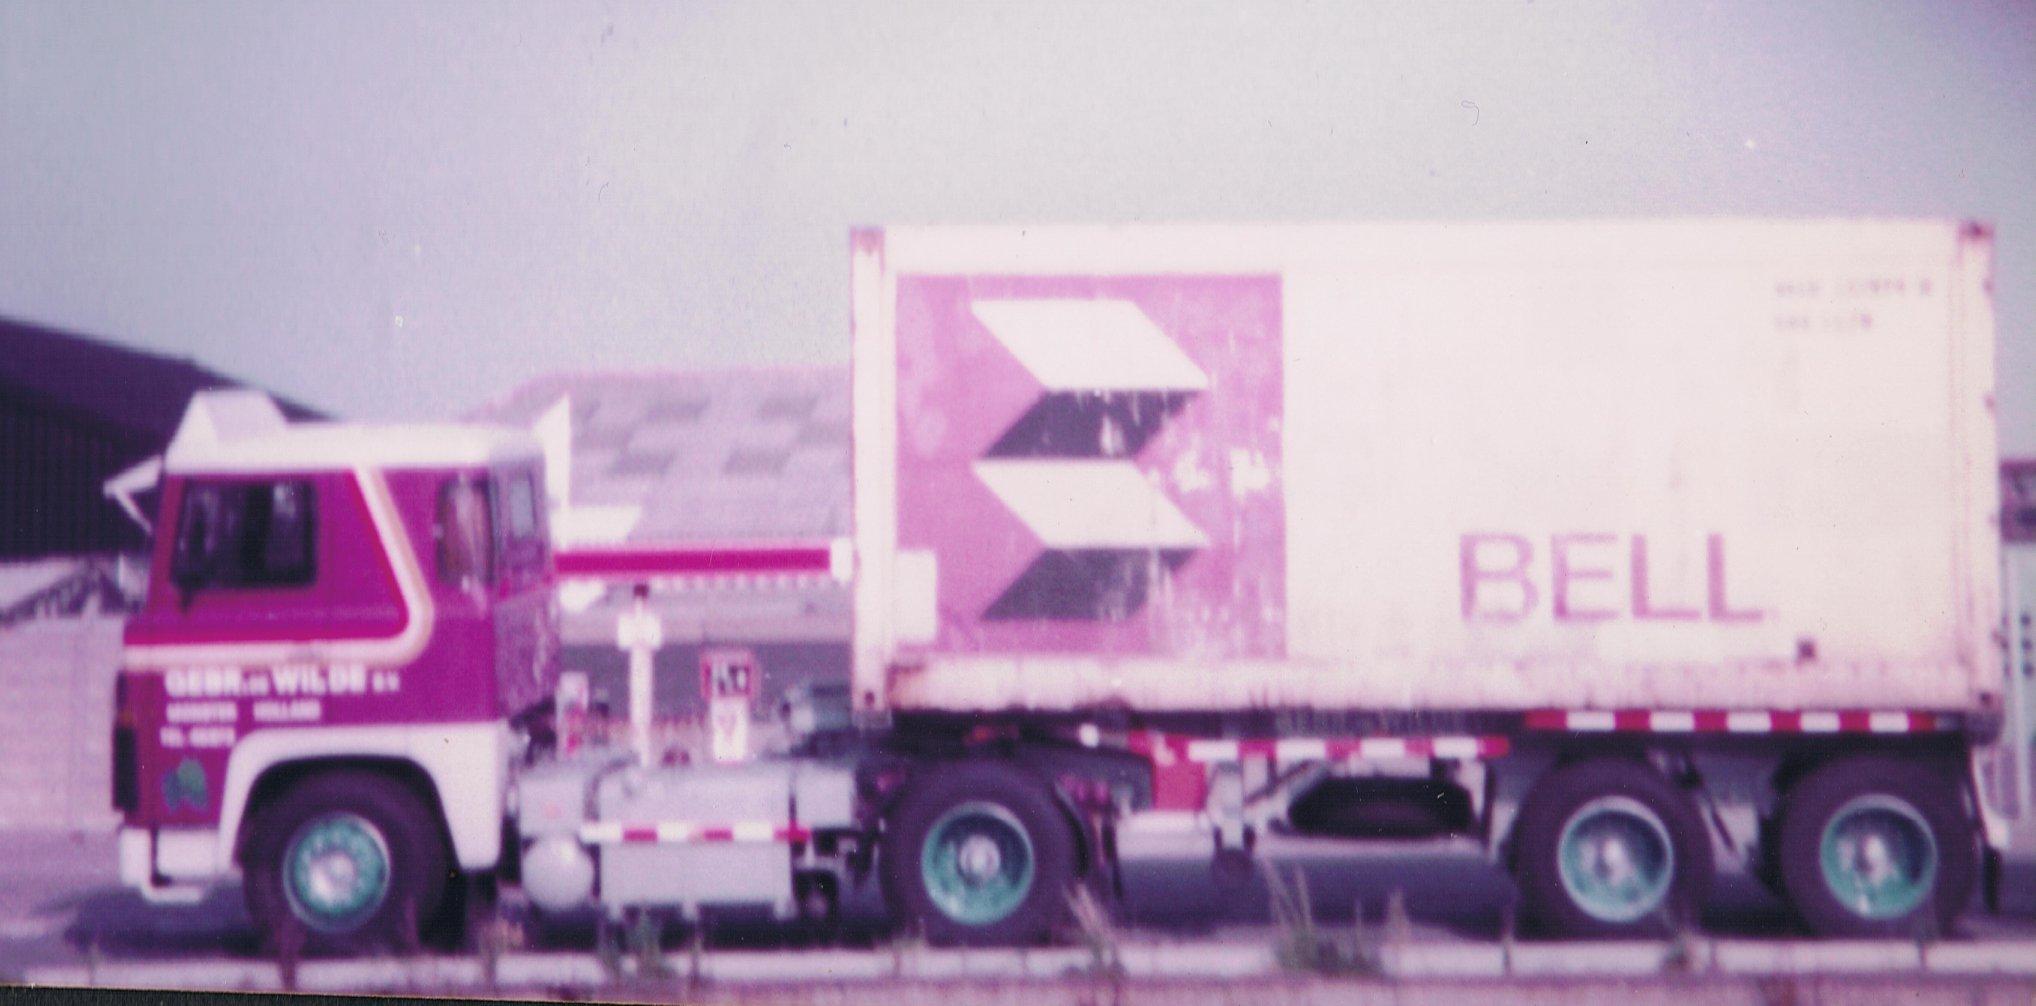 Glen-Switzar-34-TB-38-langs-de-Havenstraat-in-Monster---De-benzinepomp-van-Beukel-op-de-achtergrond---Een-van-de-eerste-wagens-met-rondom-Blauwe-wielen-ipv-rood